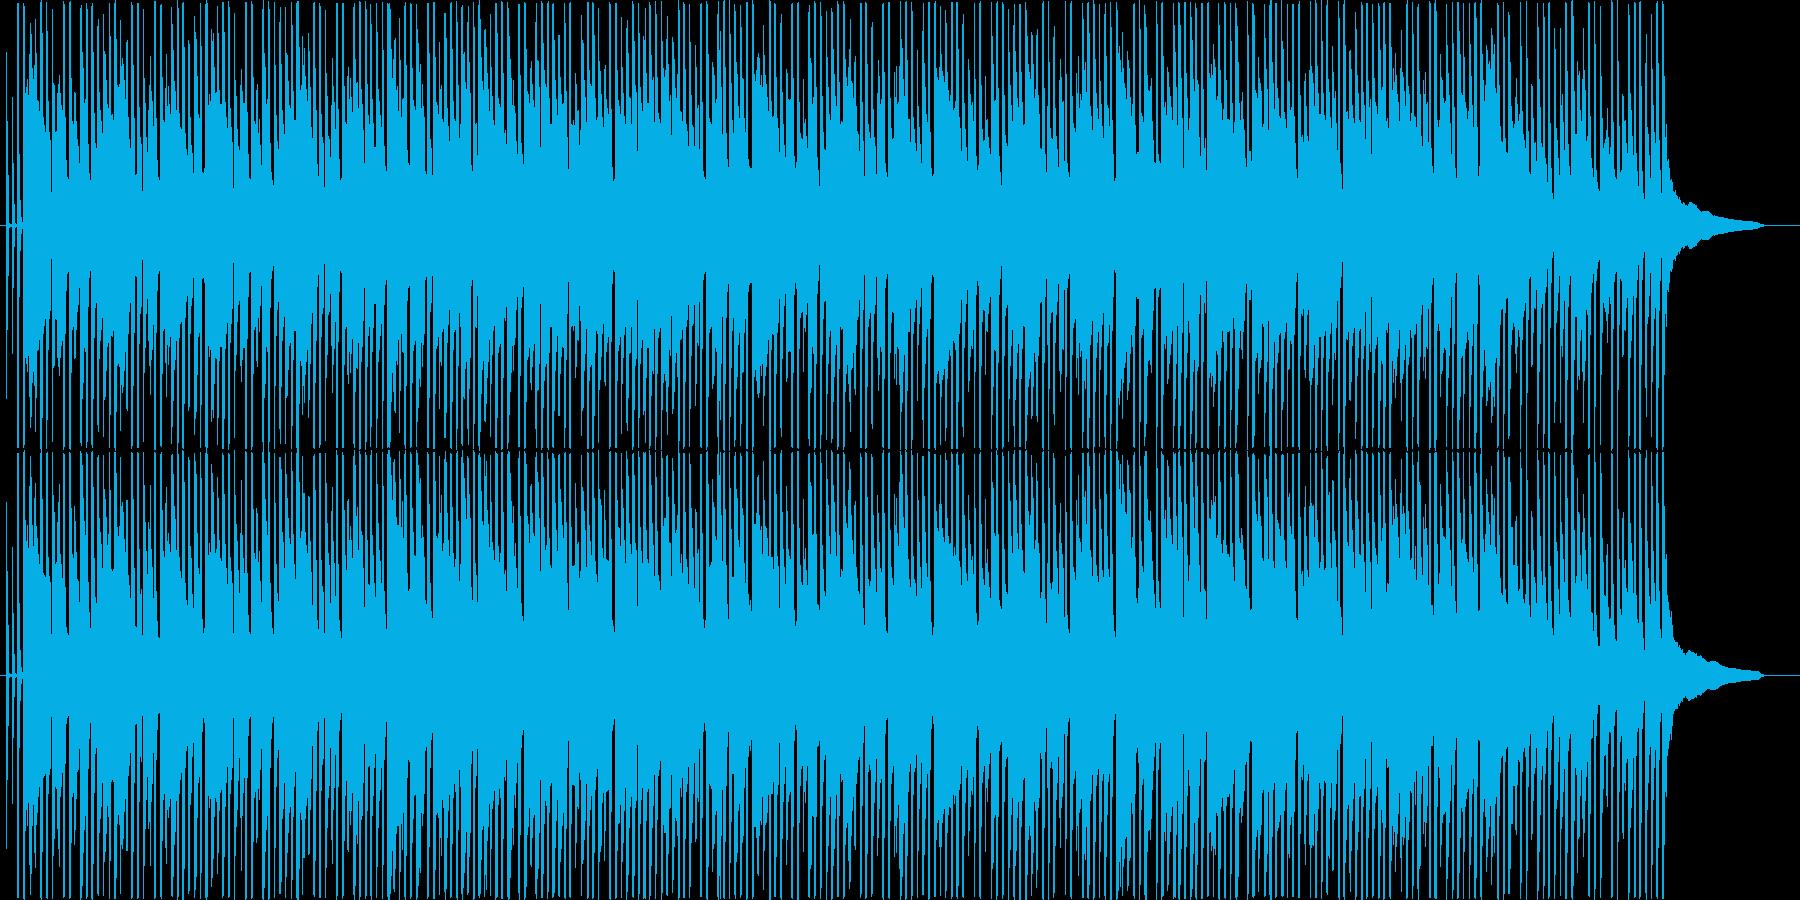 ほのぼのした感じのシンプルな曲です。の再生済みの波形